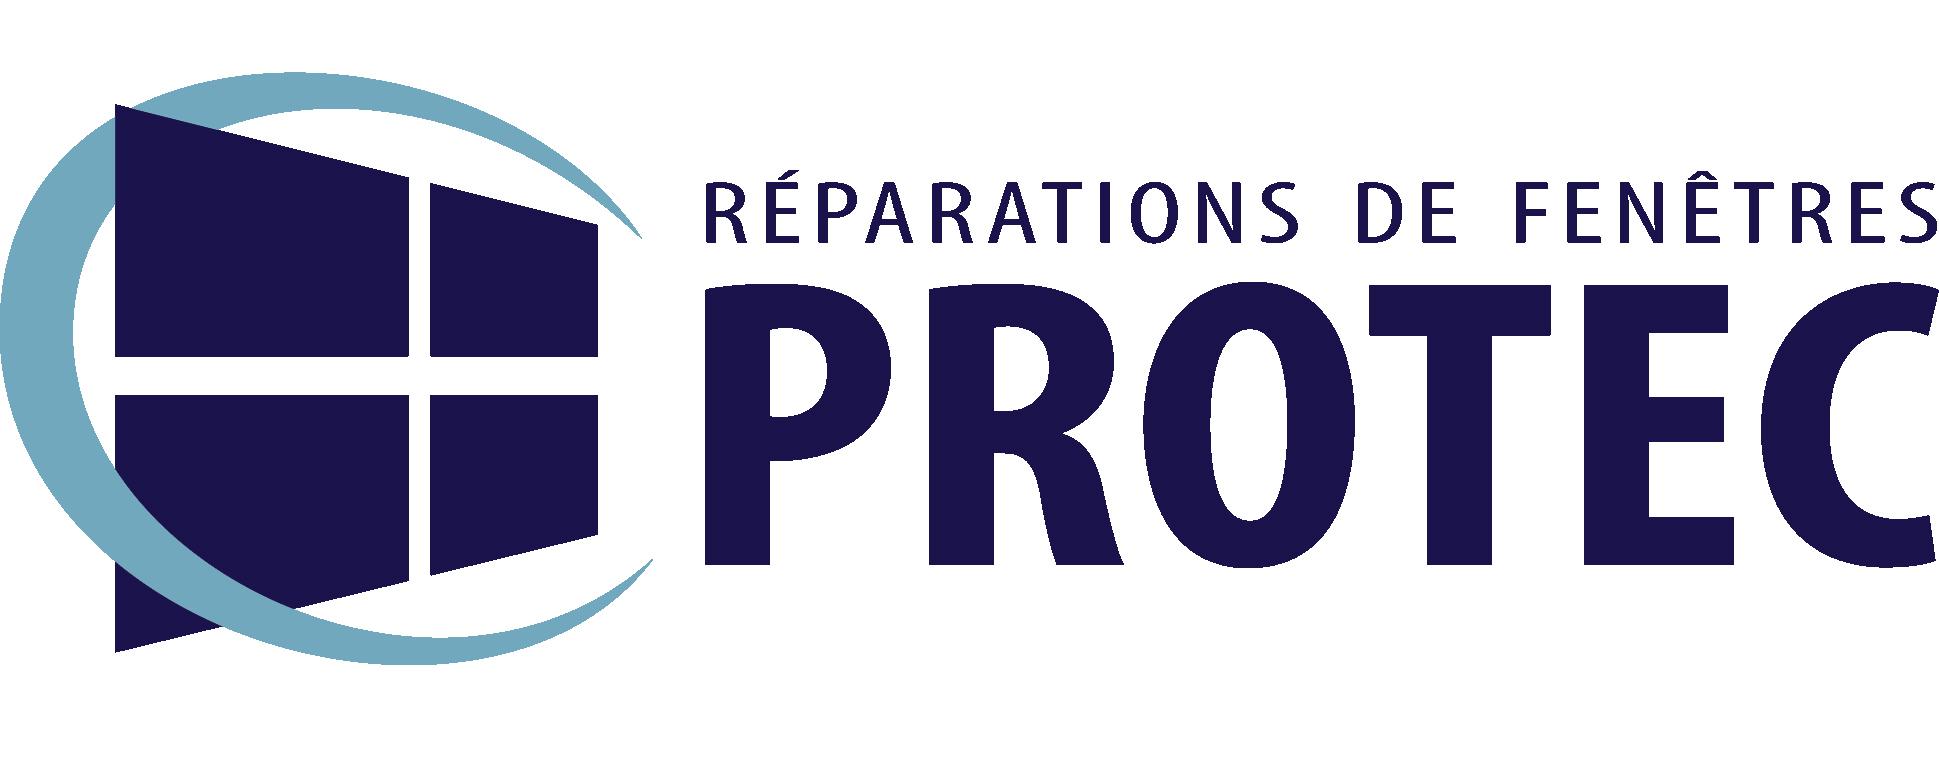 R parations de fen tres protec 580 rue monty laval qc for Reparation fenetre montreal